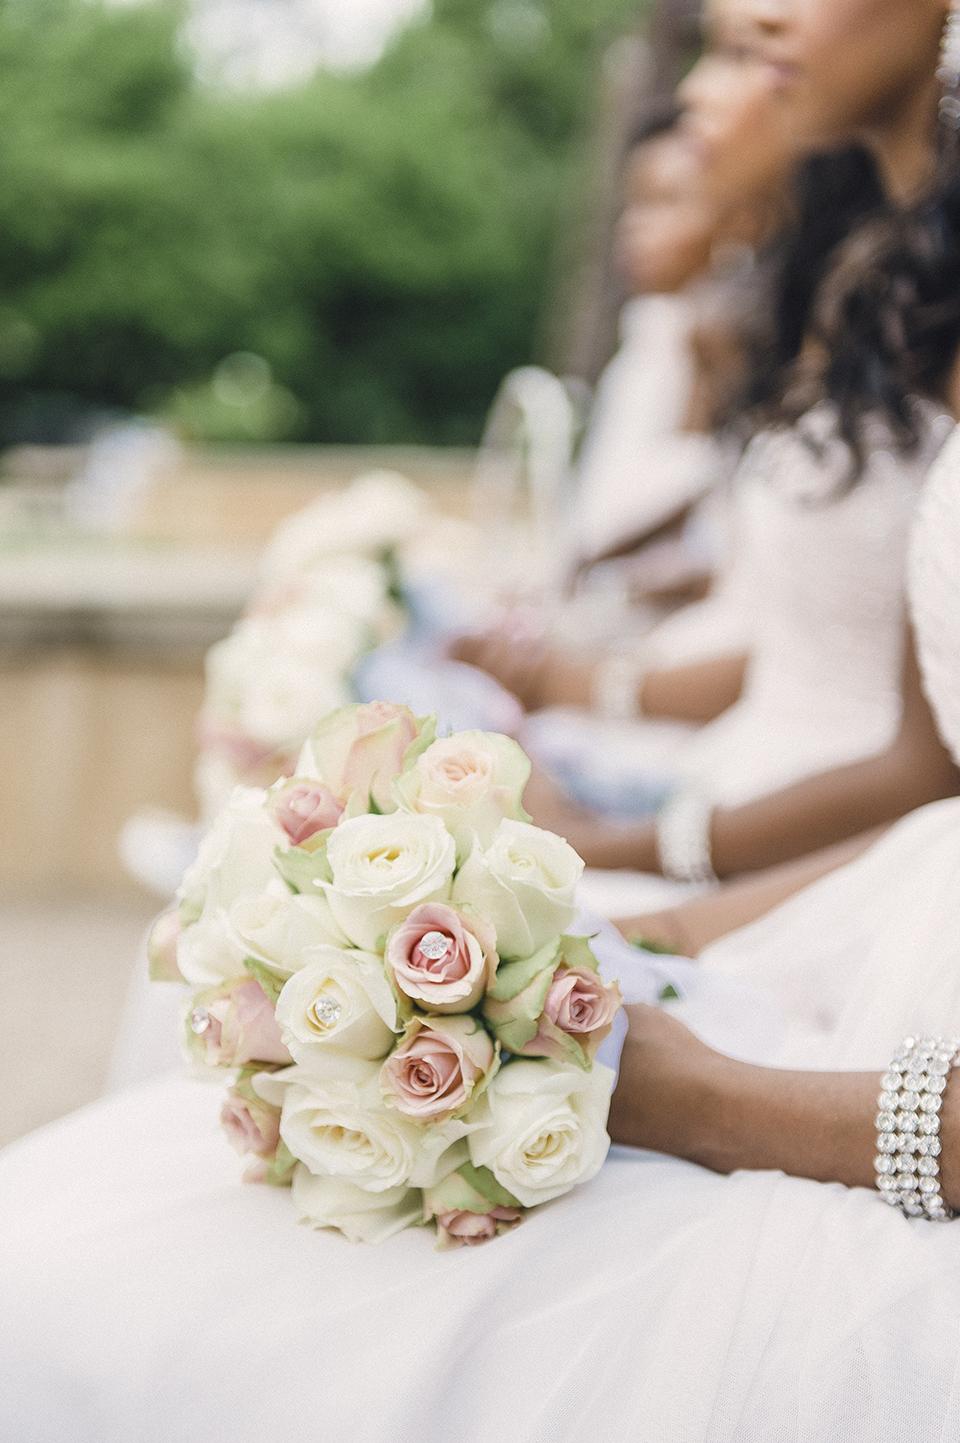 RyanParker_WeddingPhotographer_FineArt_CapeTown_Johannesburg_Hermanus_Avianto_T&L_DSC_9099.jpg